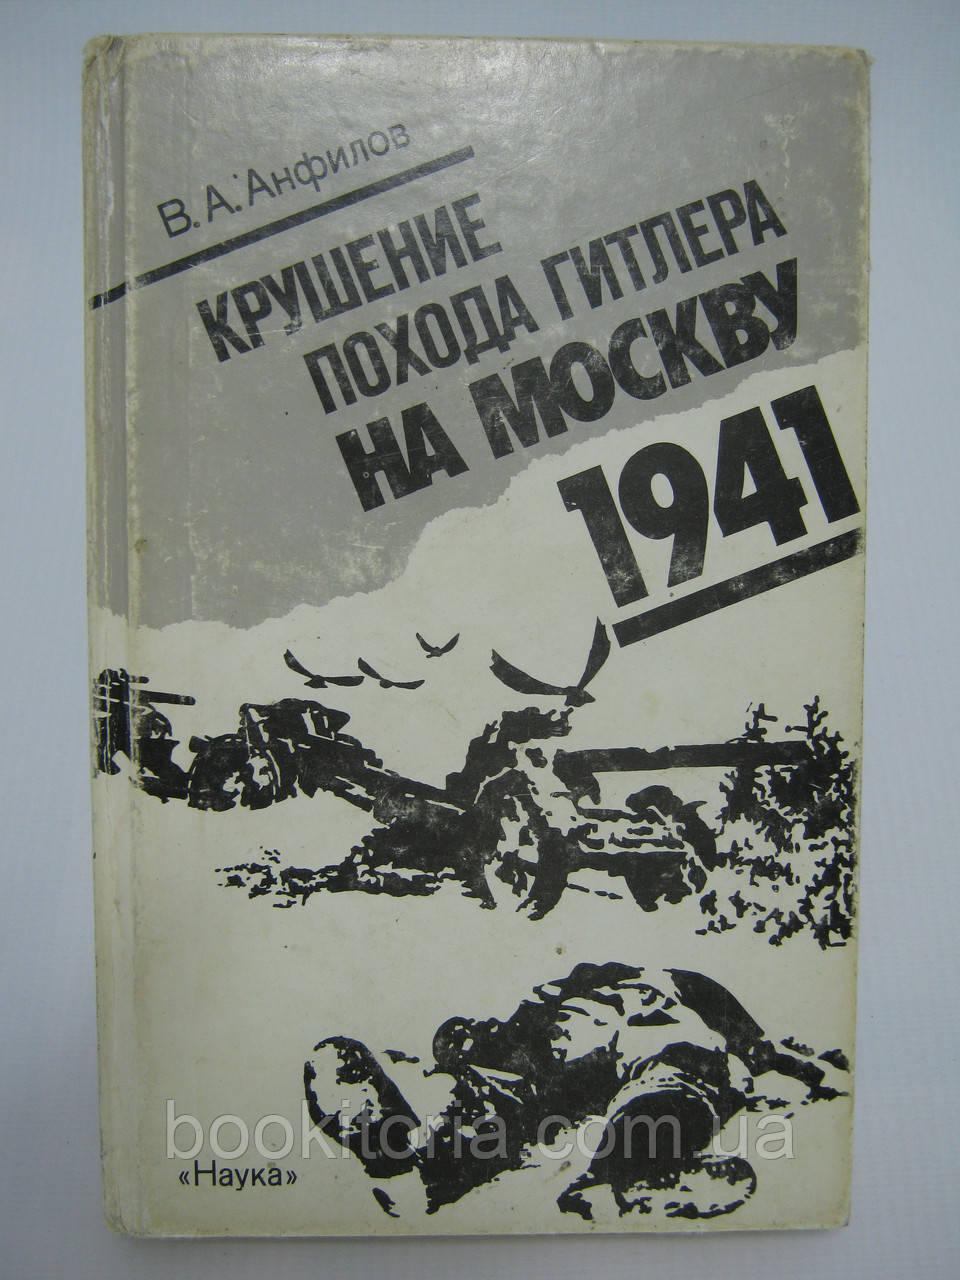 Анфилов В.А. Крушение похода Гитлера на Москву. 1941 (б/у).